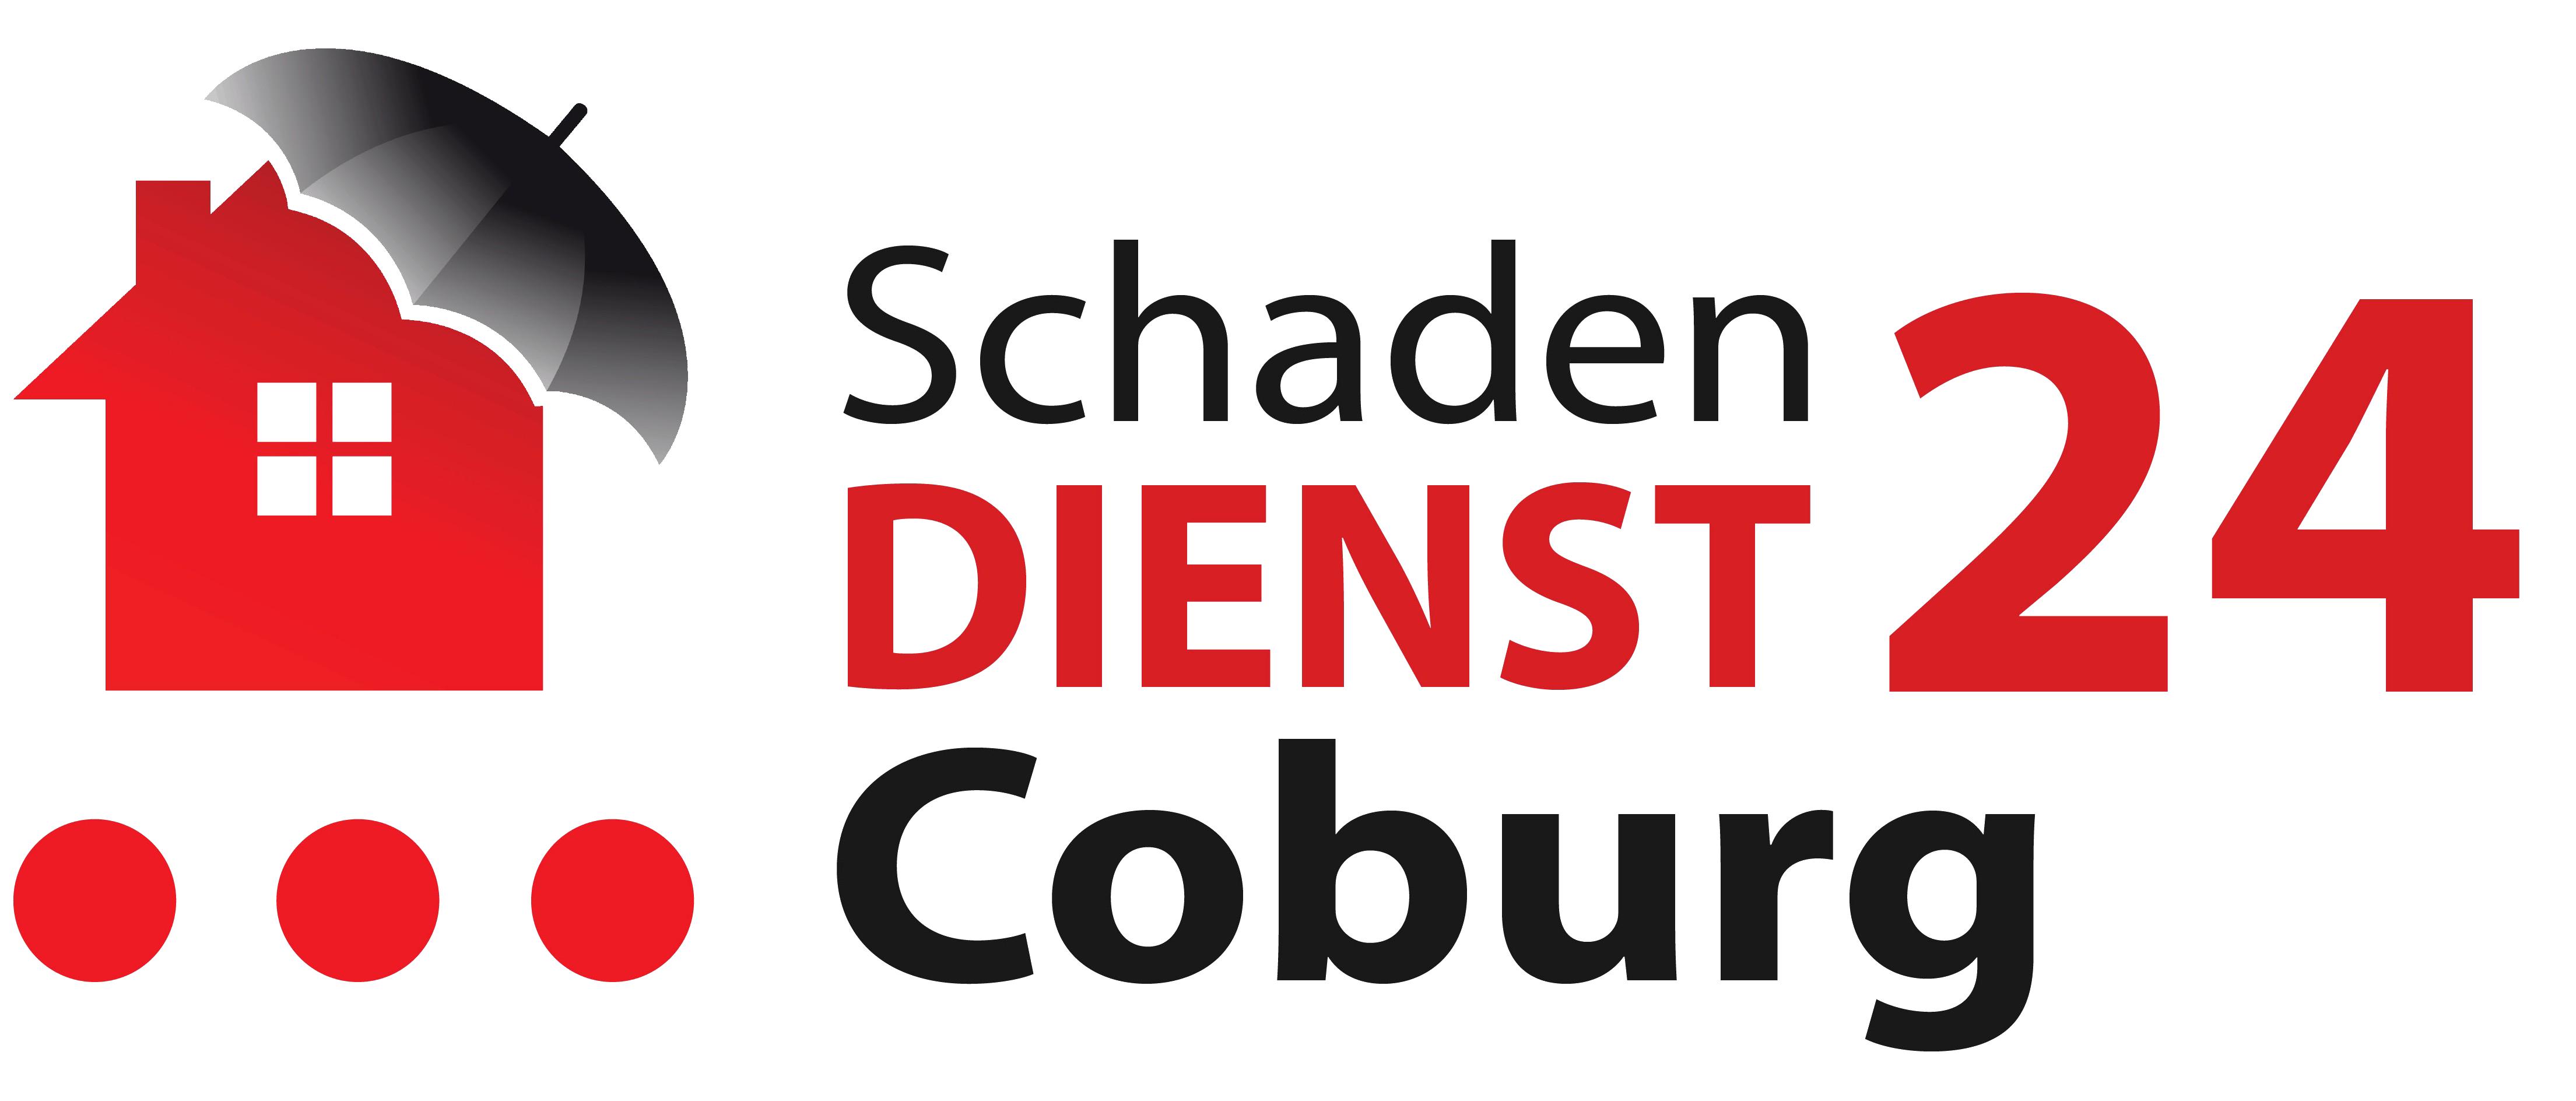 Schadendienst24 Coburg Logo